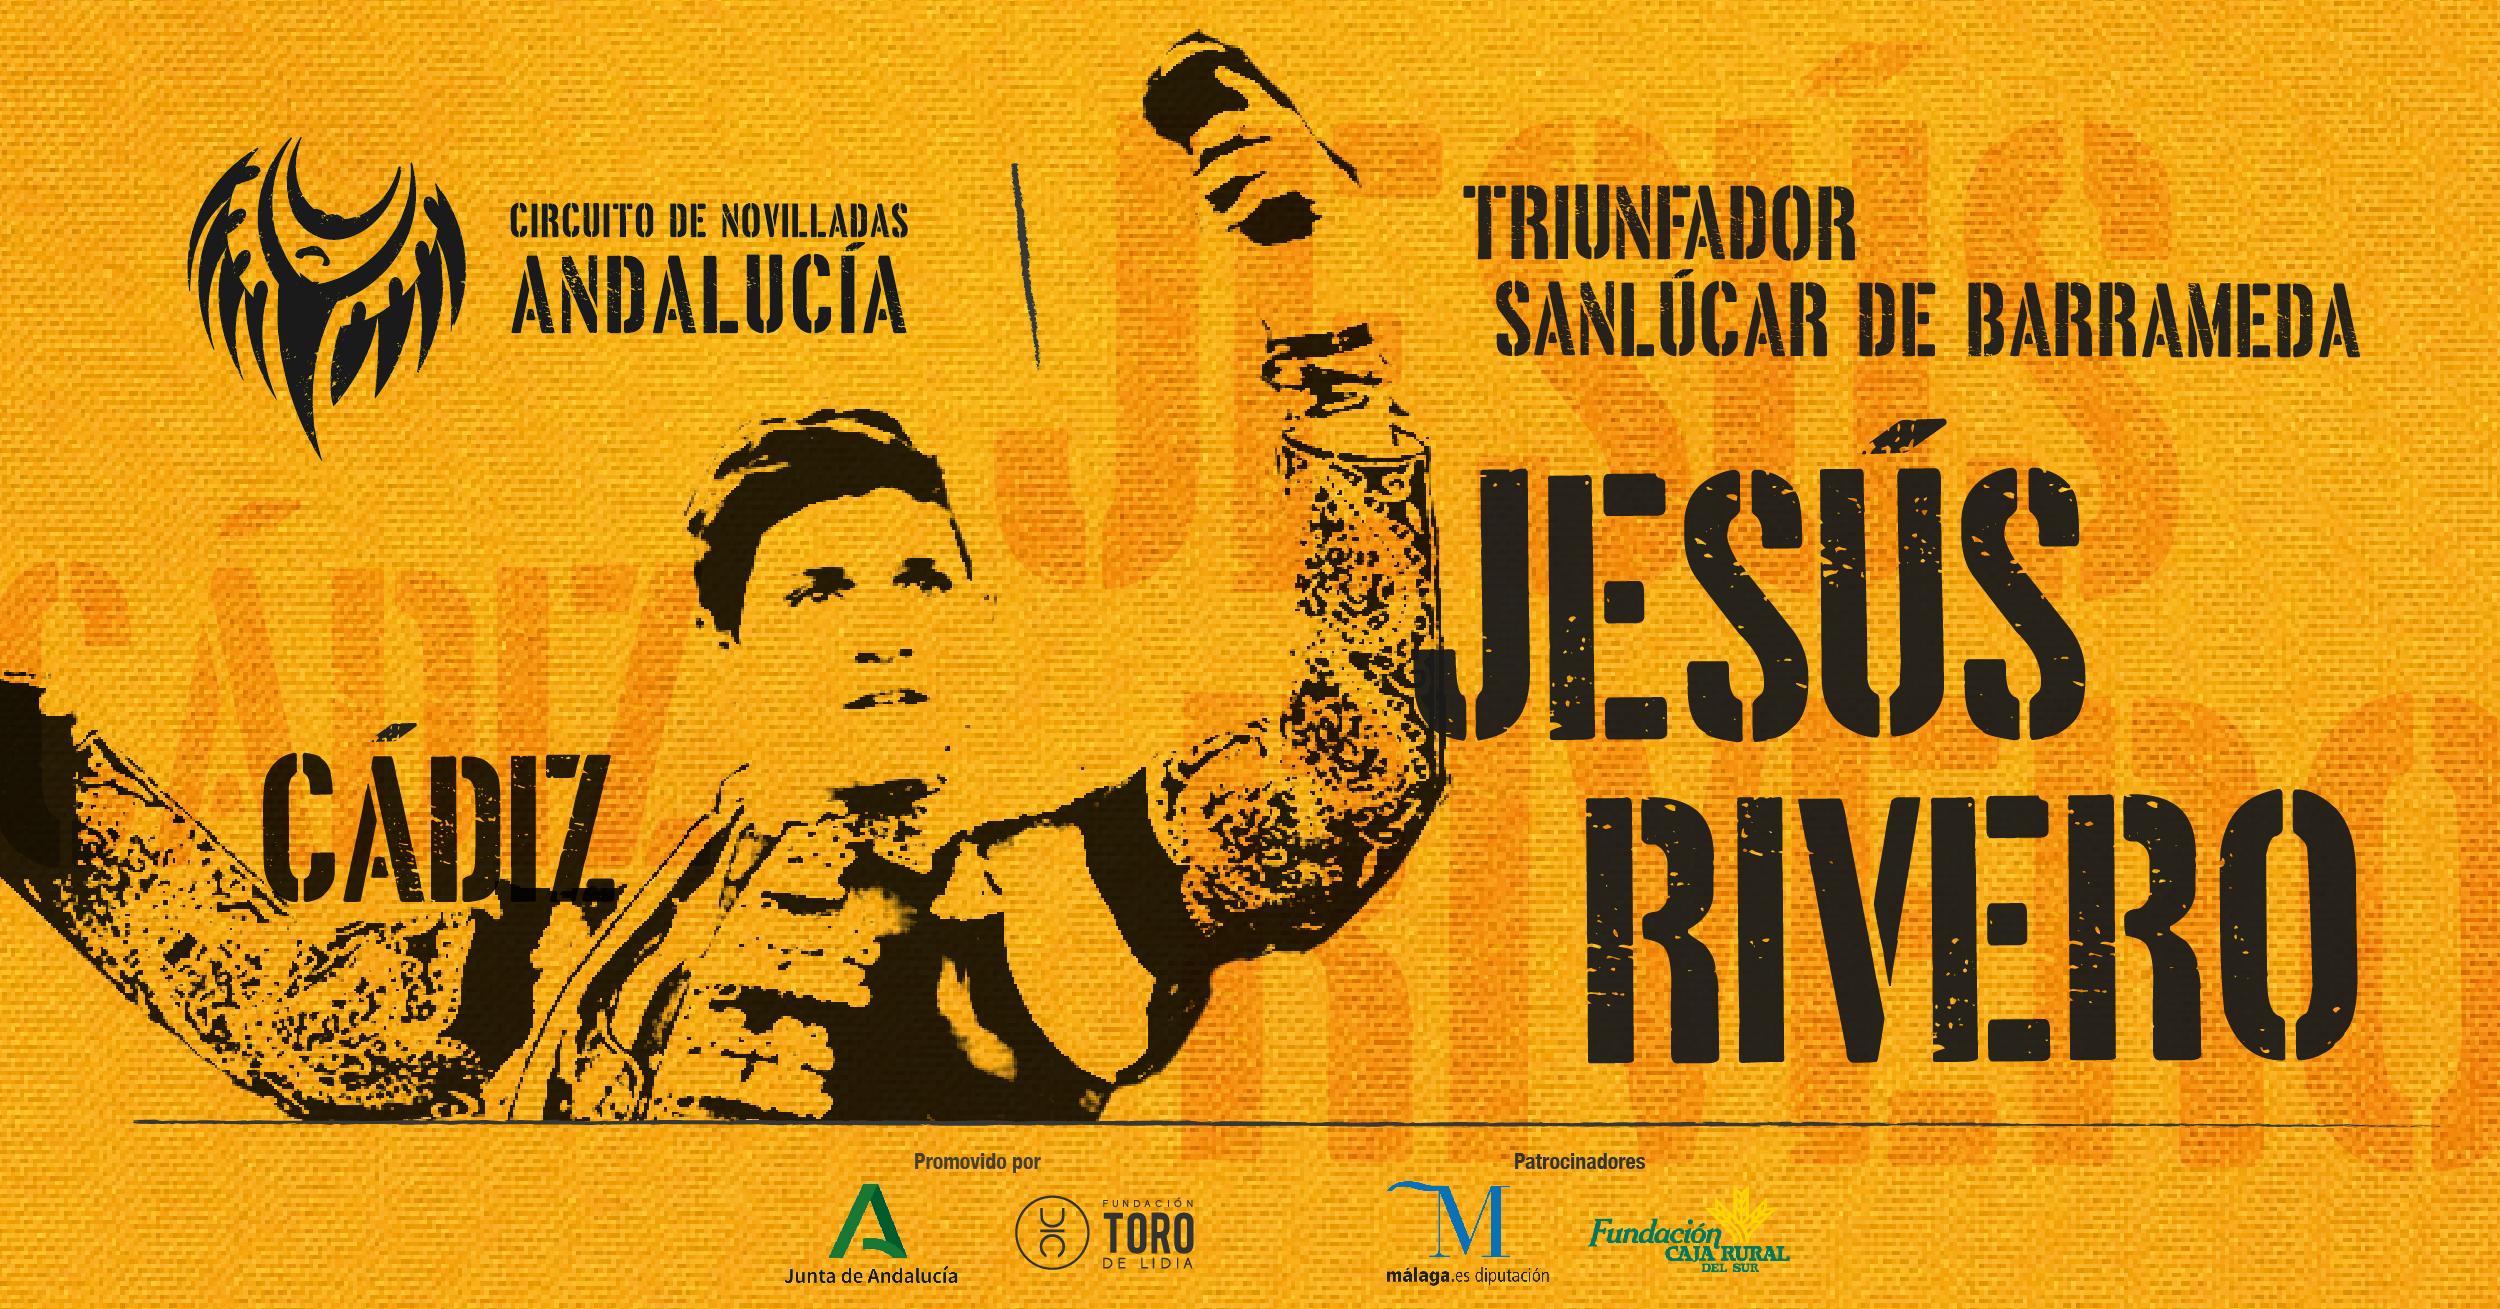 Jesús Rivero, triunfador en Sanlúcar, representará a Cádiz en la gran final del Circuito de Novilladas de Andalucía